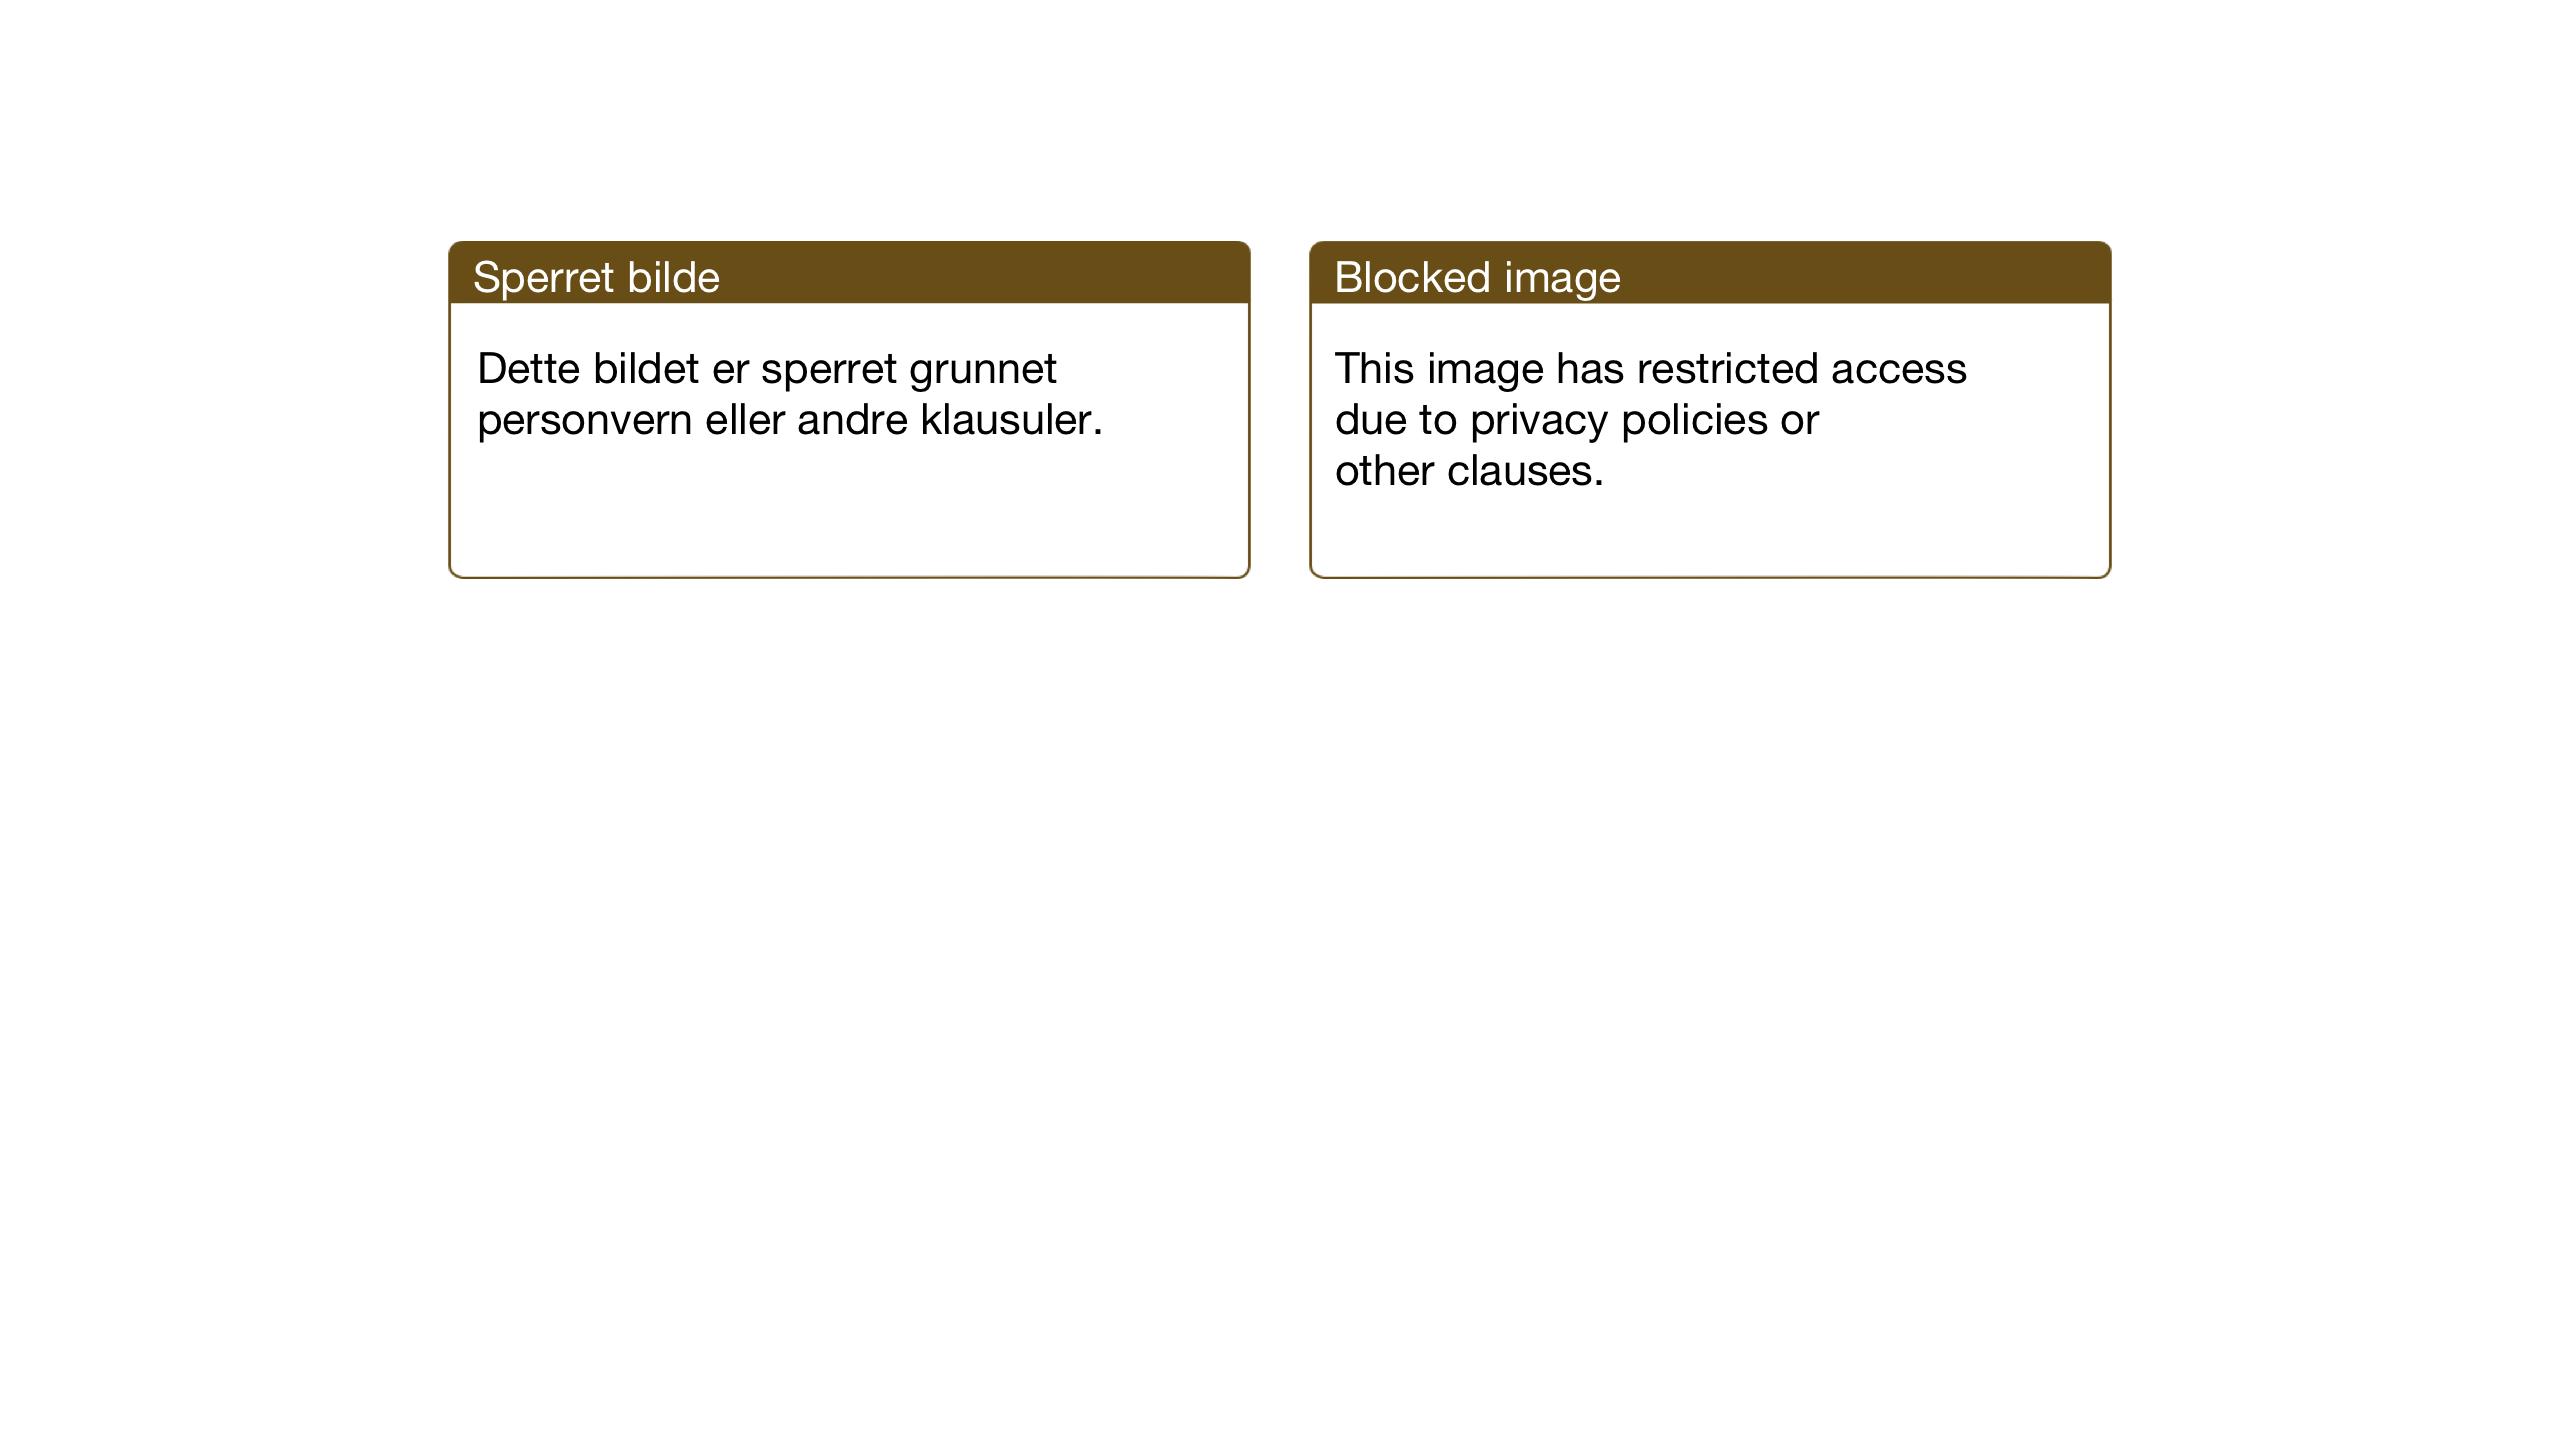 SAT, Ministerialprotokoller, klokkerbøker og fødselsregistre - Sør-Trøndelag, 657/L0718: Klokkerbok nr. 657C05, 1923-1948, s. 185